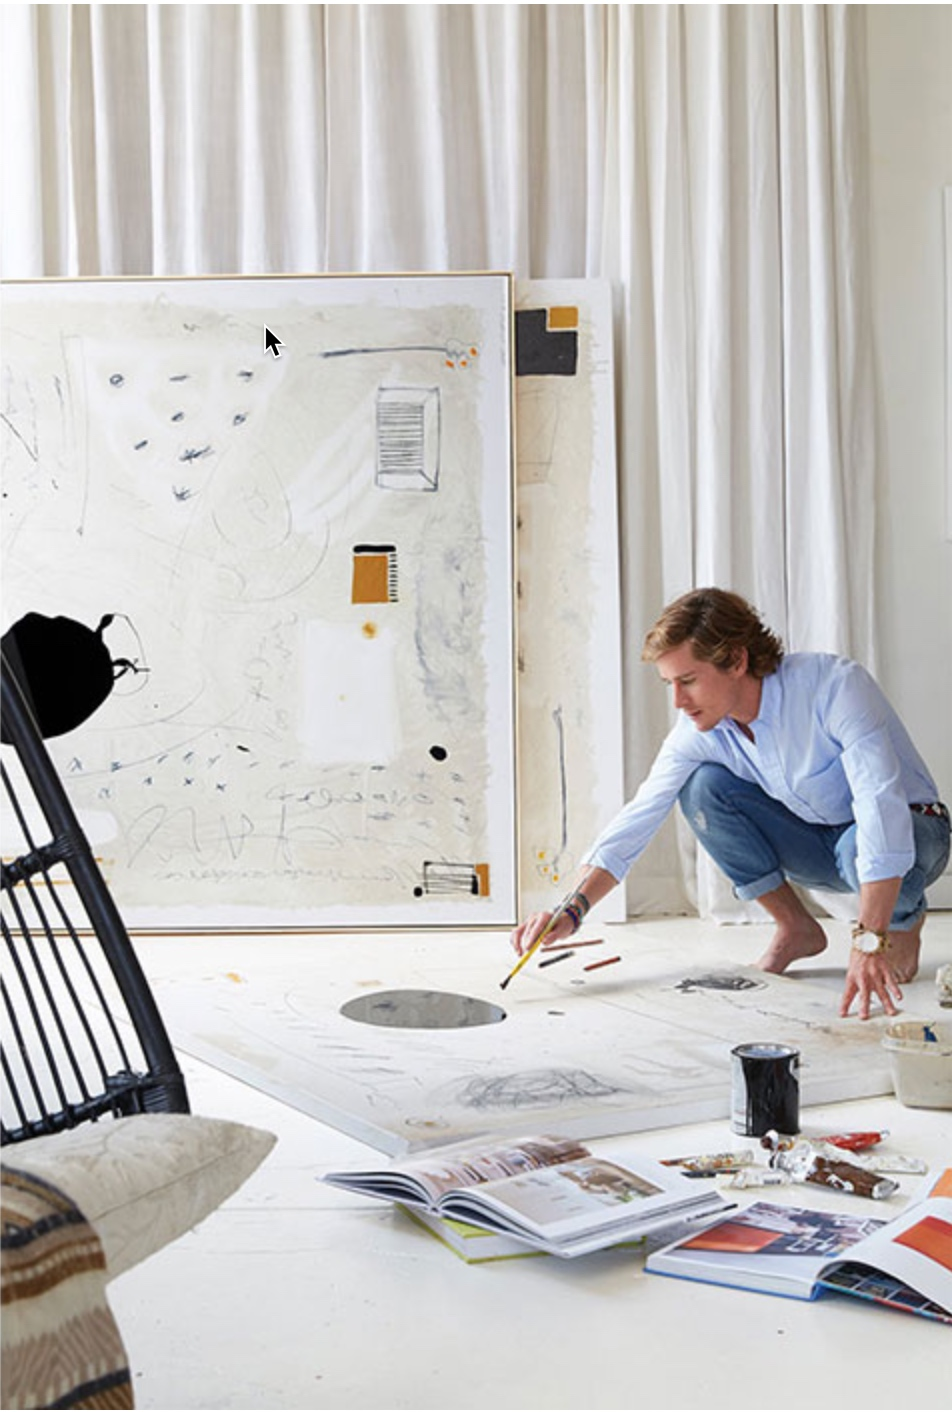 William in his studio